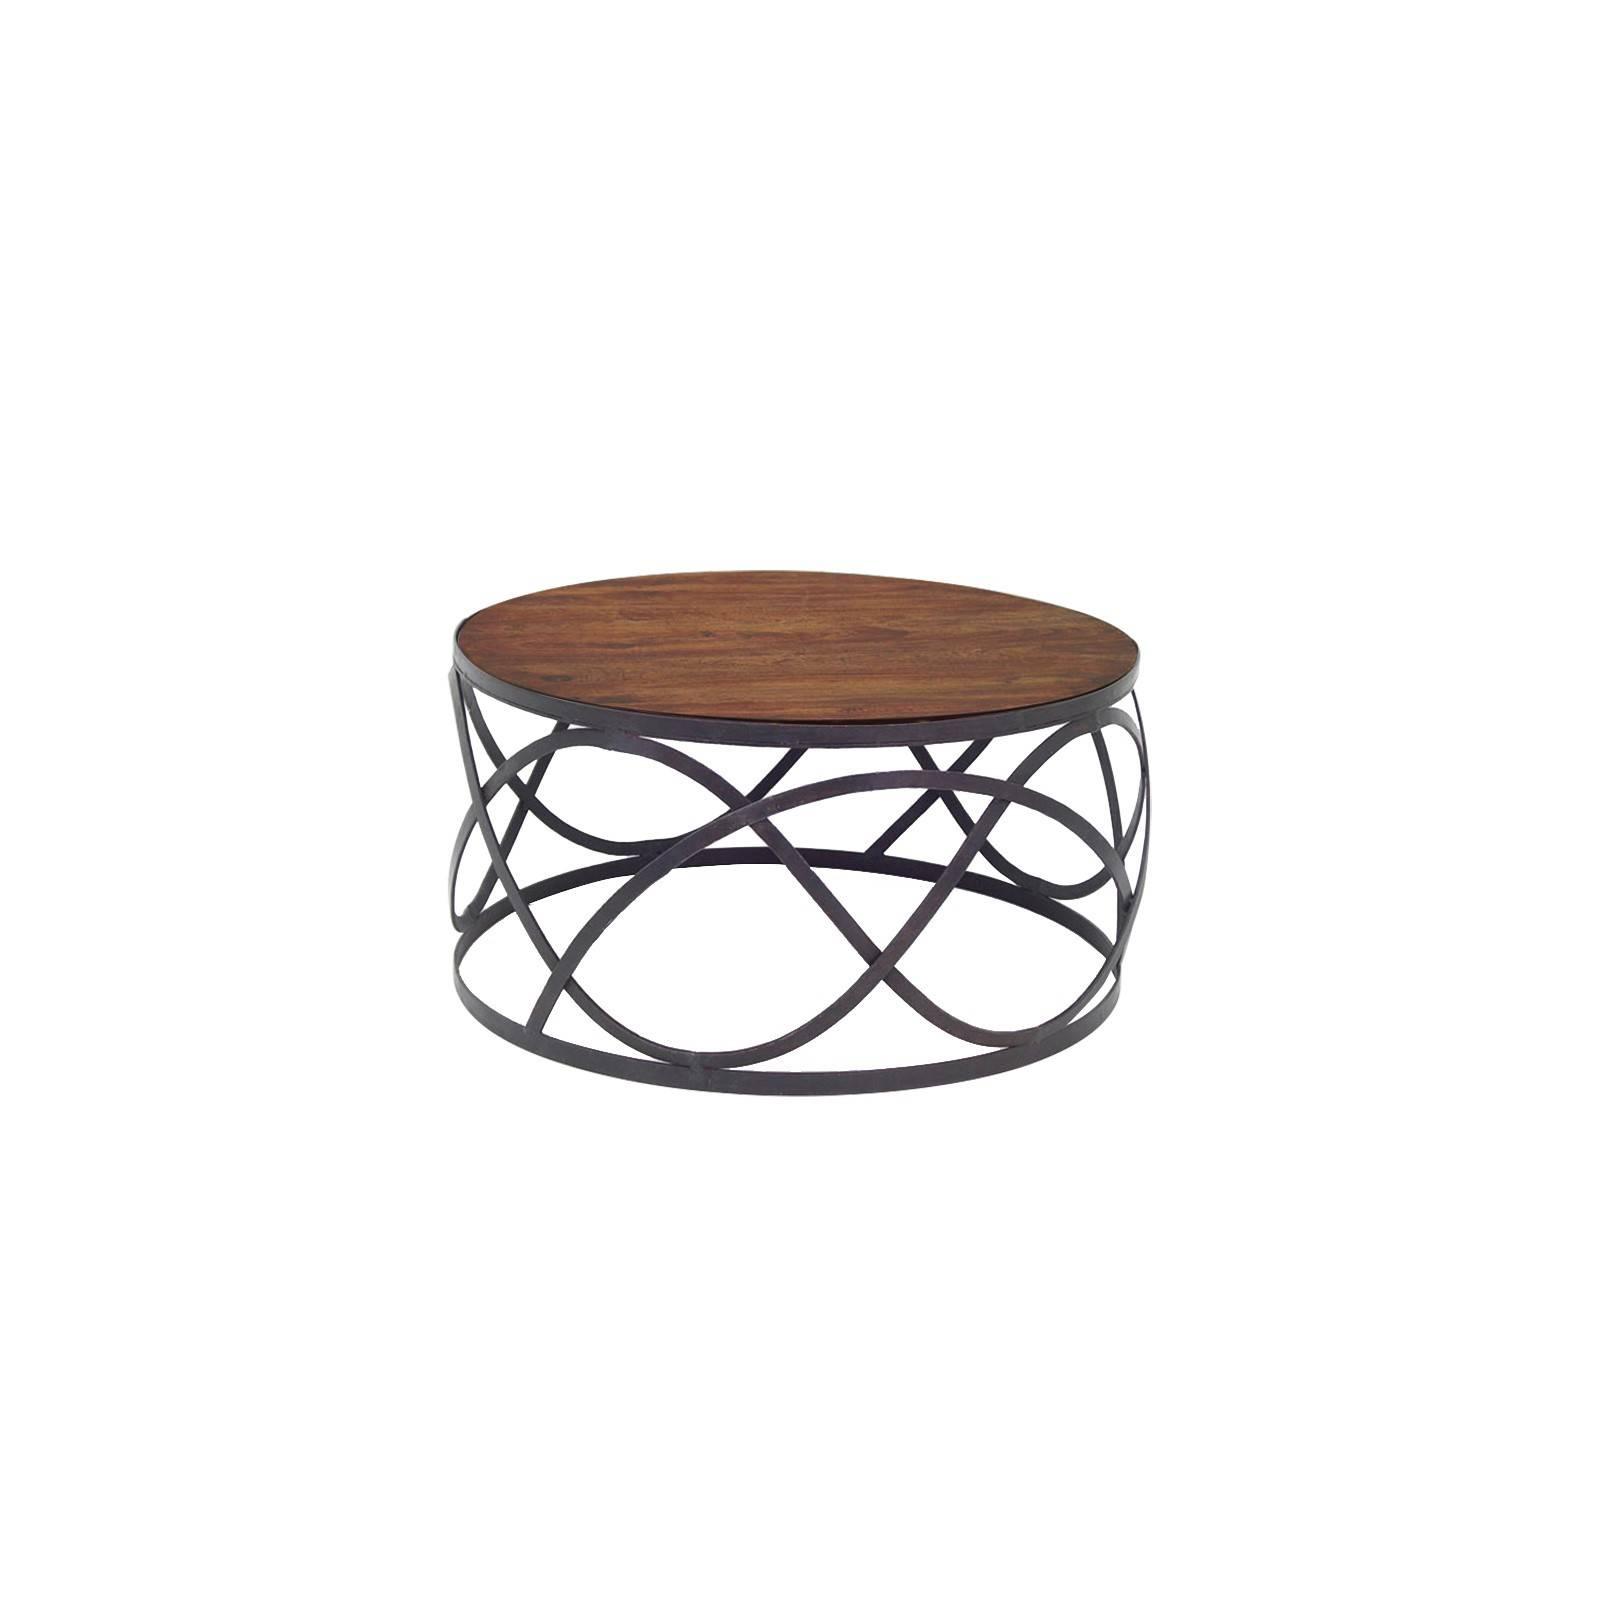 Table basse ronde en fer forgé et palissandre. Maison à l'esprit loft